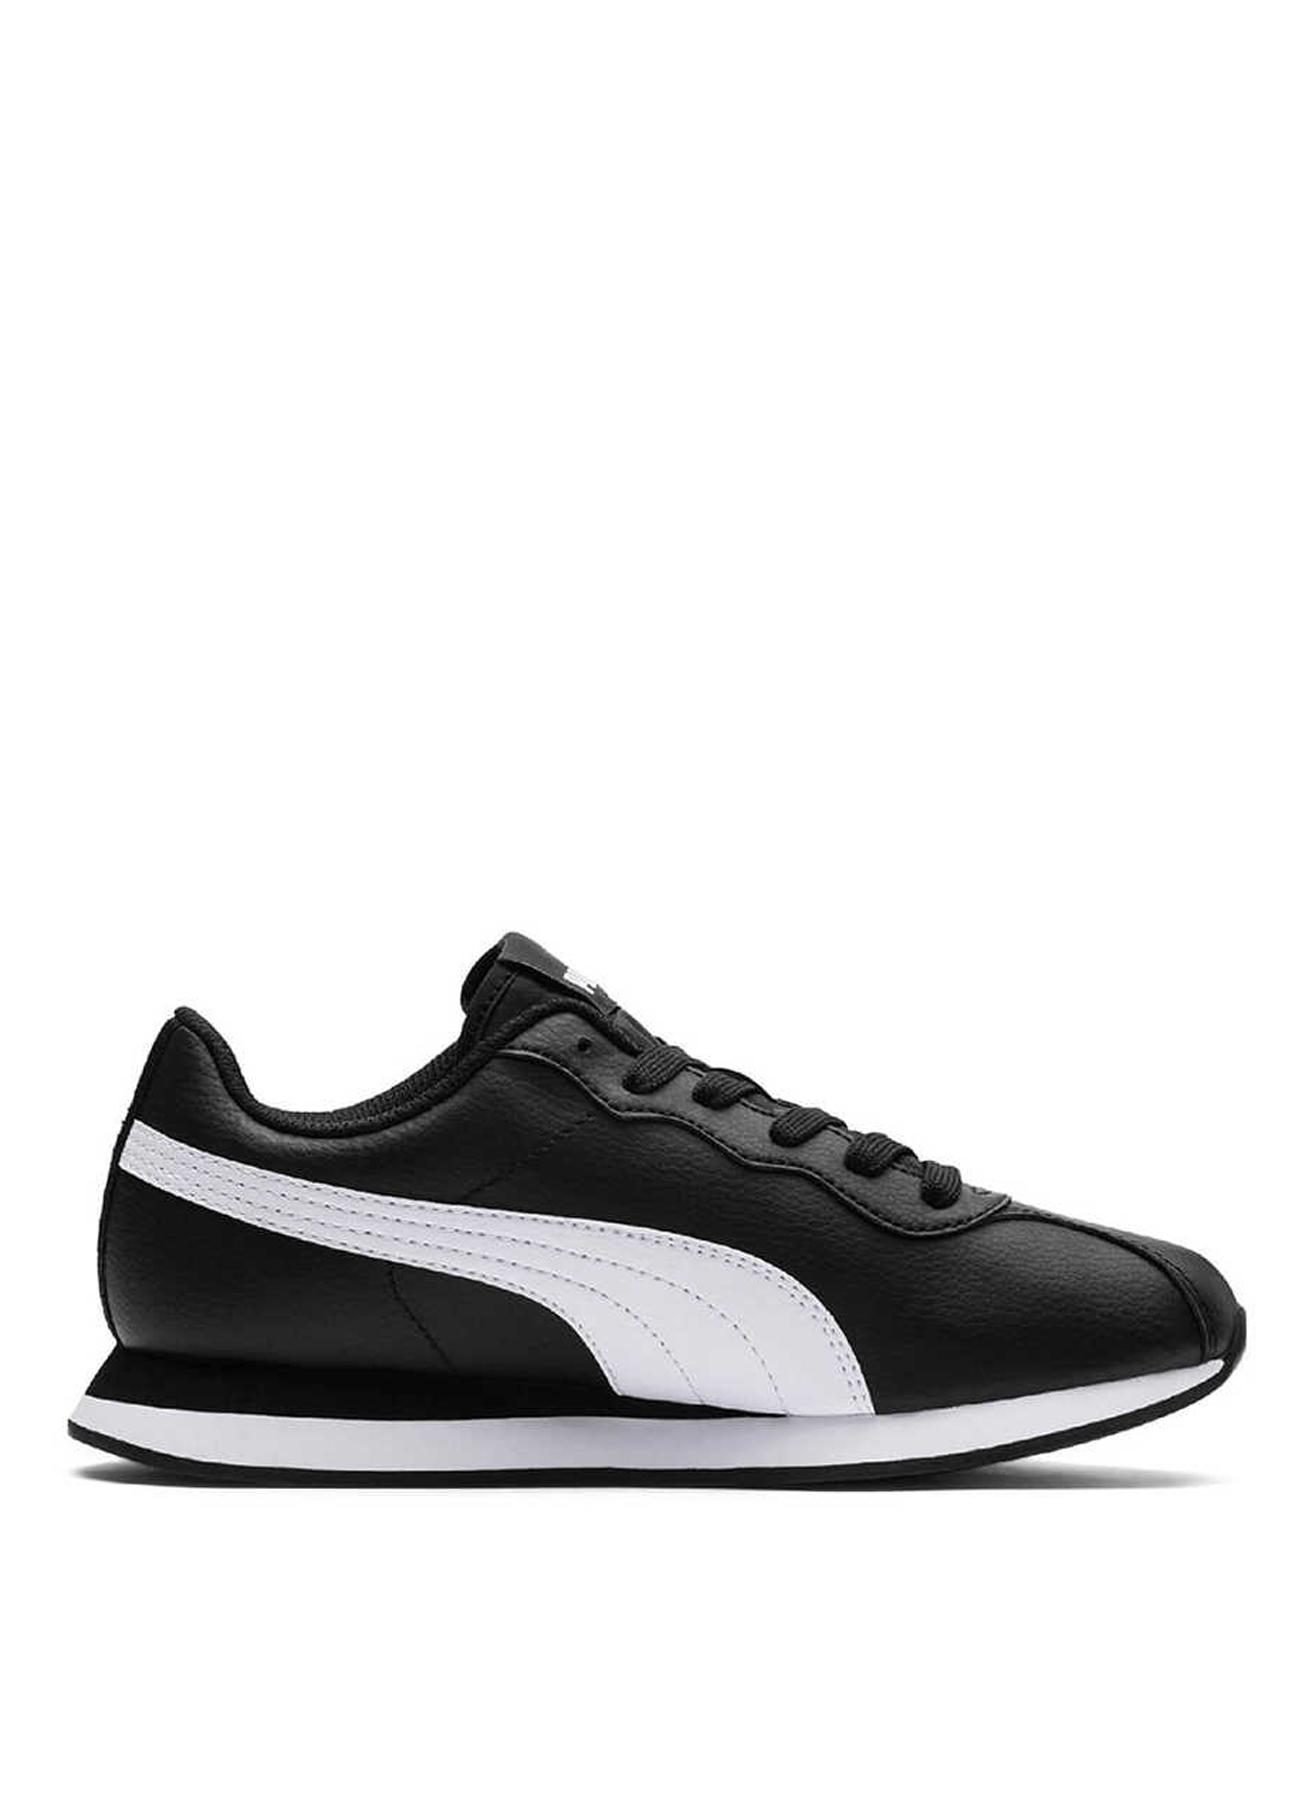 Puma Turin II Jr Yürüyüş Ayakkabısı 39 742332